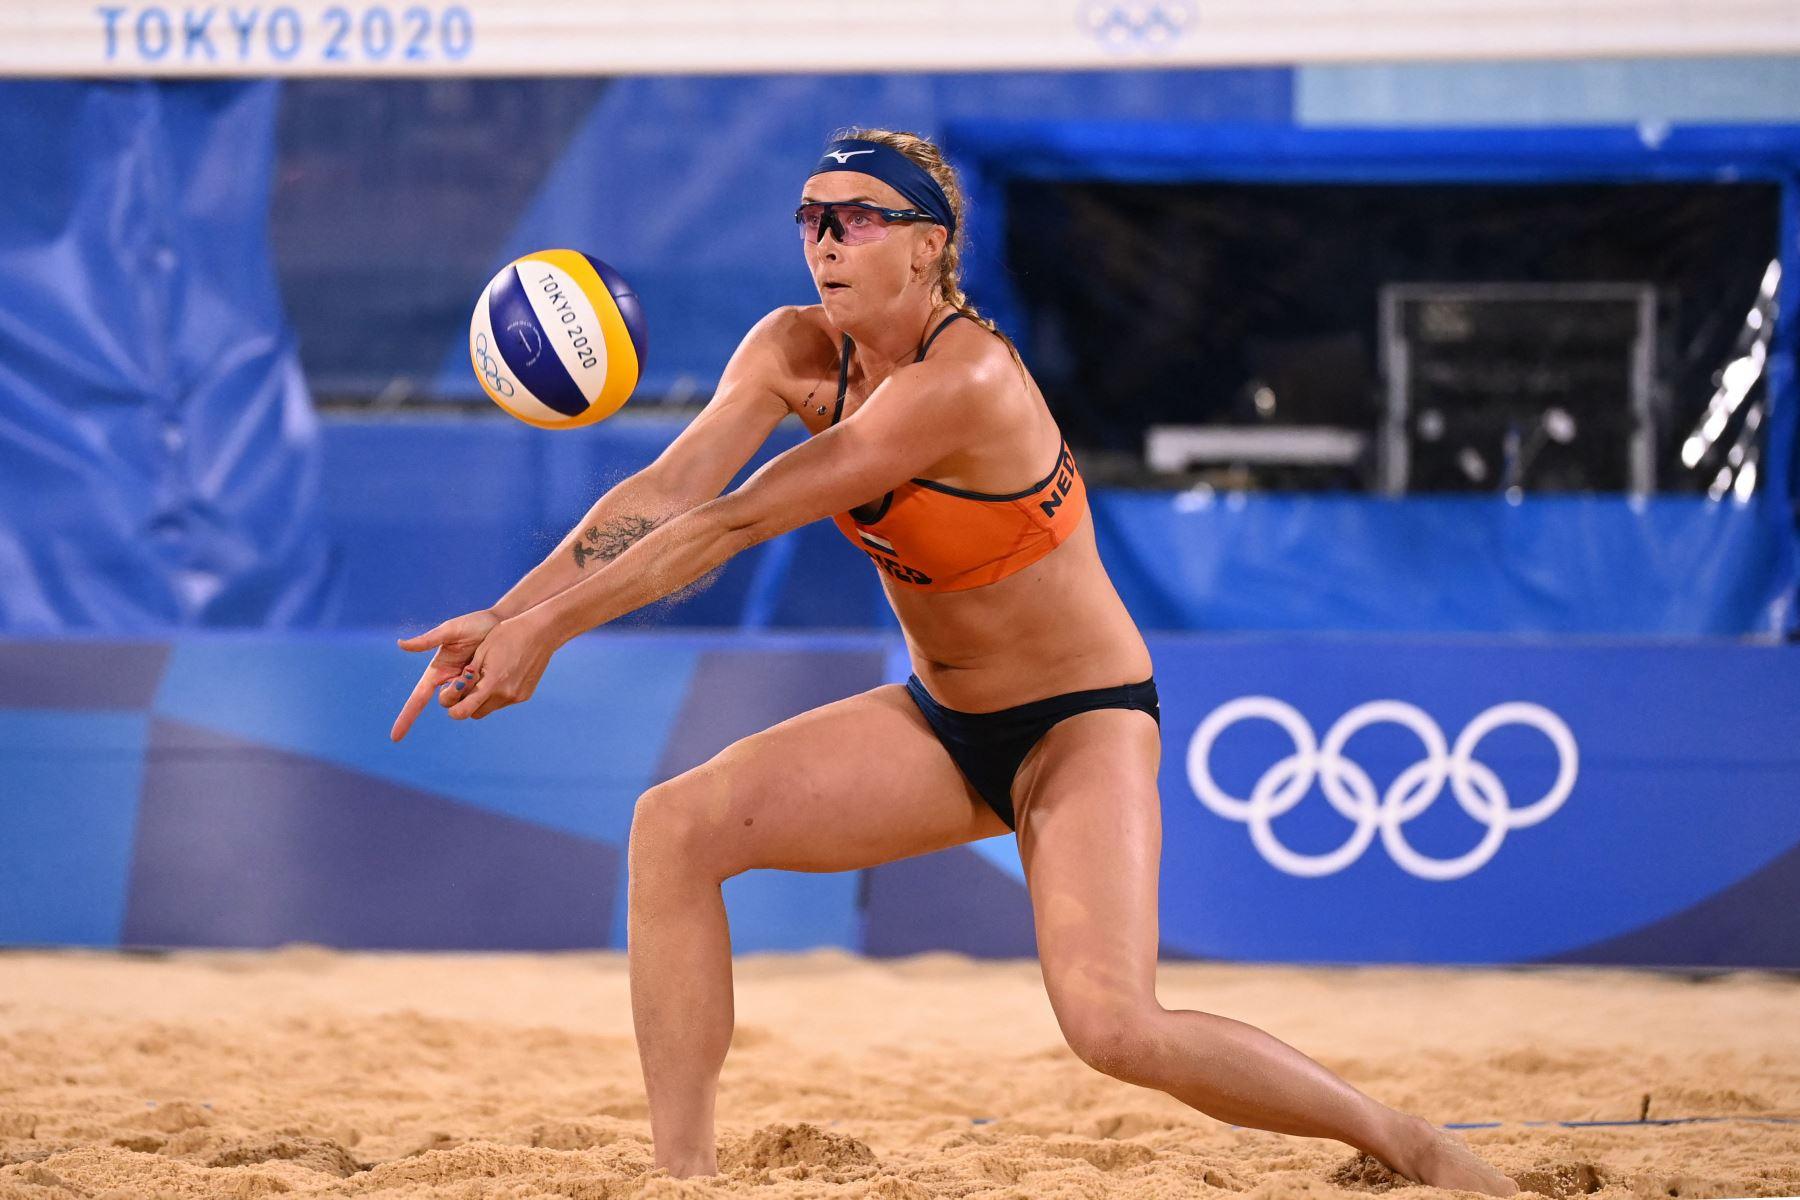 La holandesa Madelein Meppelink coloca el balón en el partido preliminar del grupo B de voleibol de playa femenino entre los Países Bajos y España durante los Juegos Olímpicos de Tokio 2020. Foto: AFP